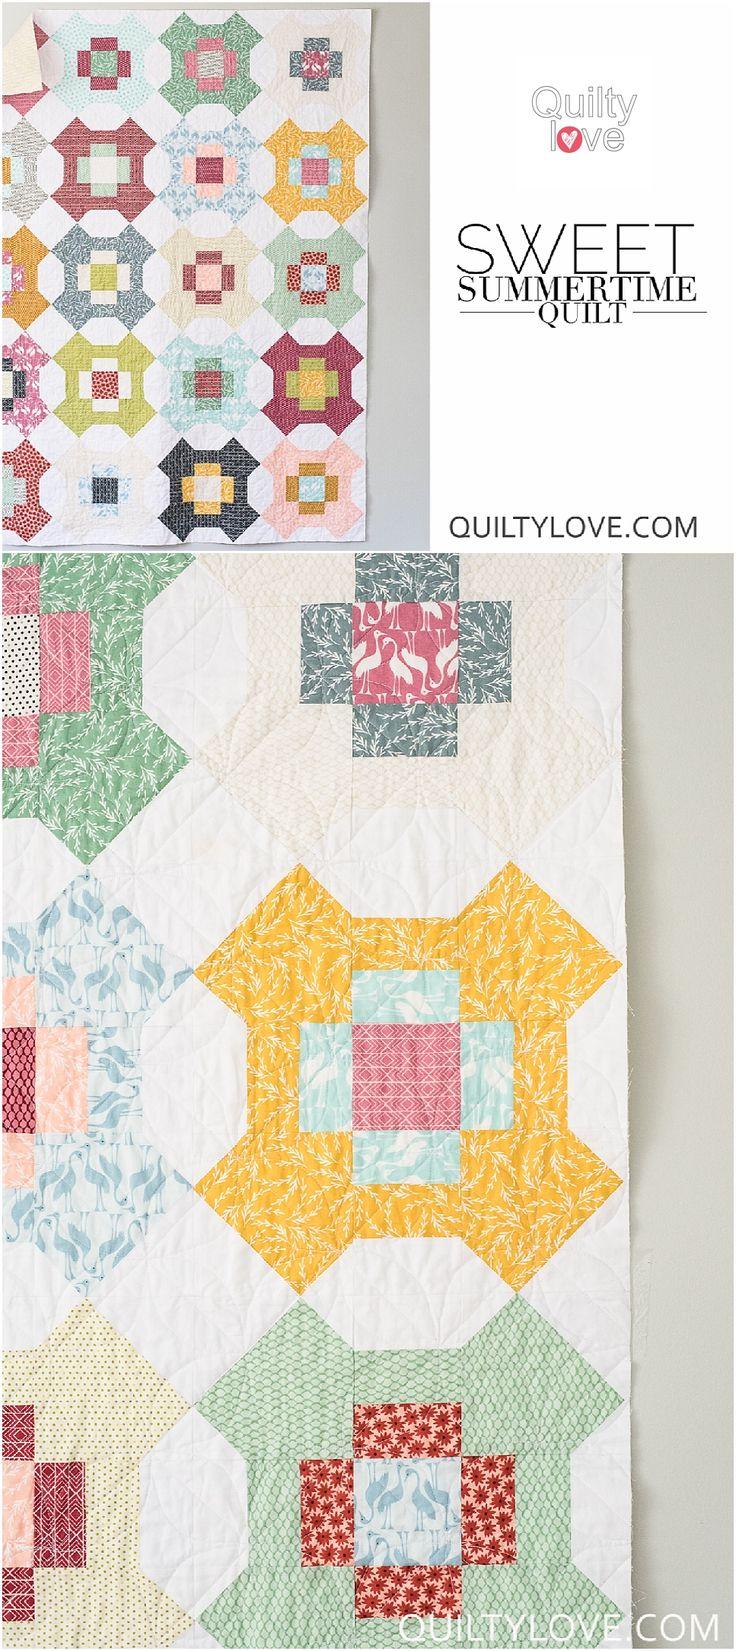 Sweet Summertime quilt